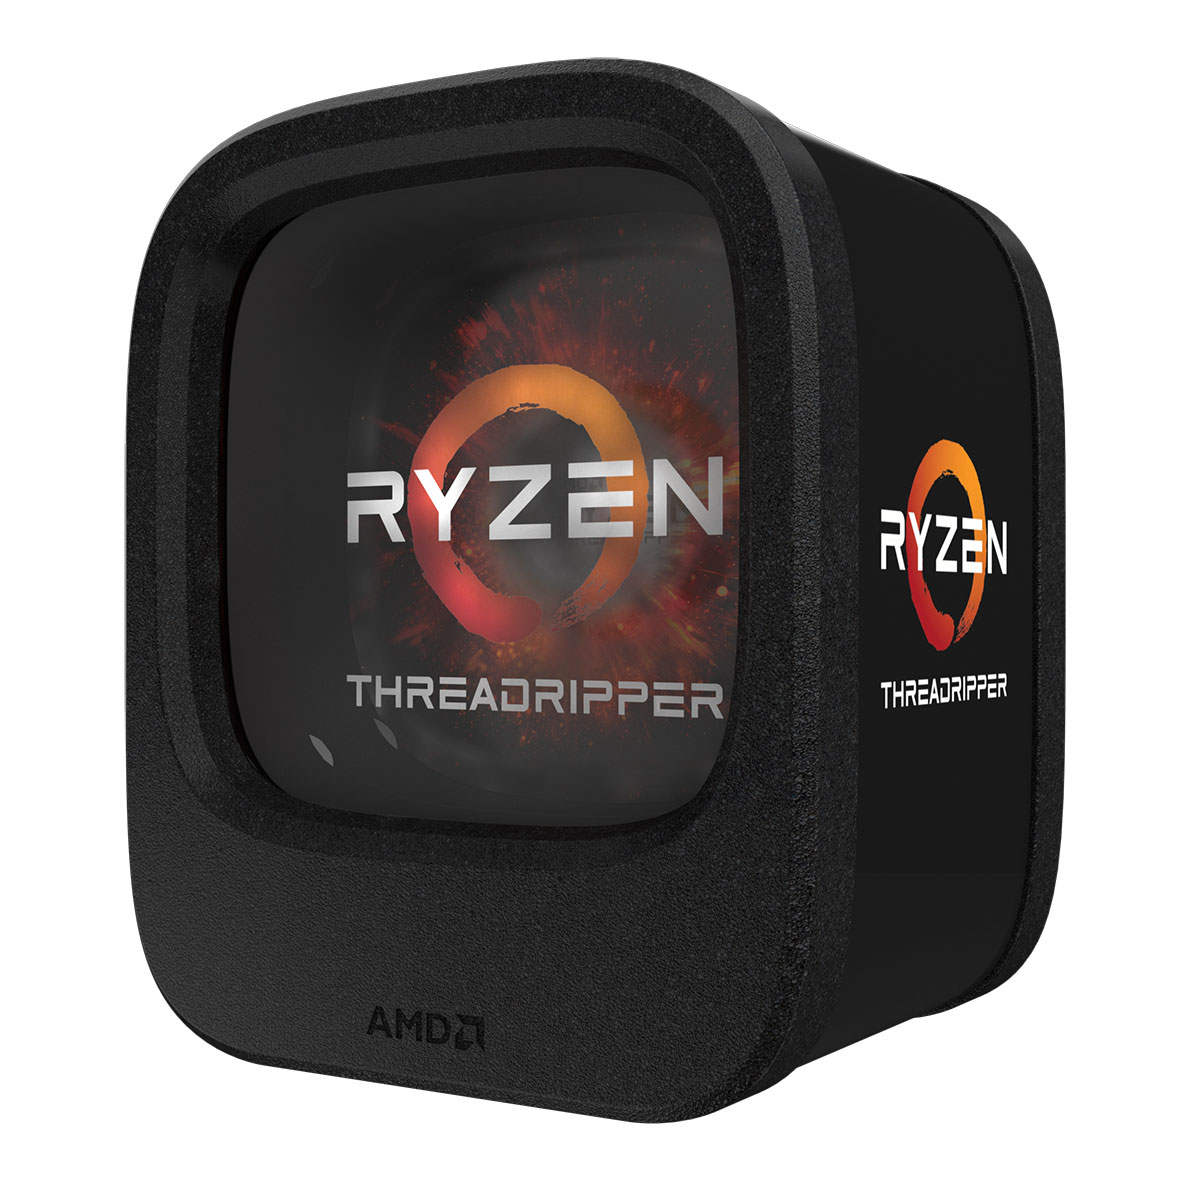 Processeur AMD Ryzen Threadripper 1950X (3.4 GHz) Processeur 16-Core Socket sTR4 Cache L3 32 Mo 0.014 micron TDP 180W (version boîte sans ventilateur - garantie constructeur 3 ans)